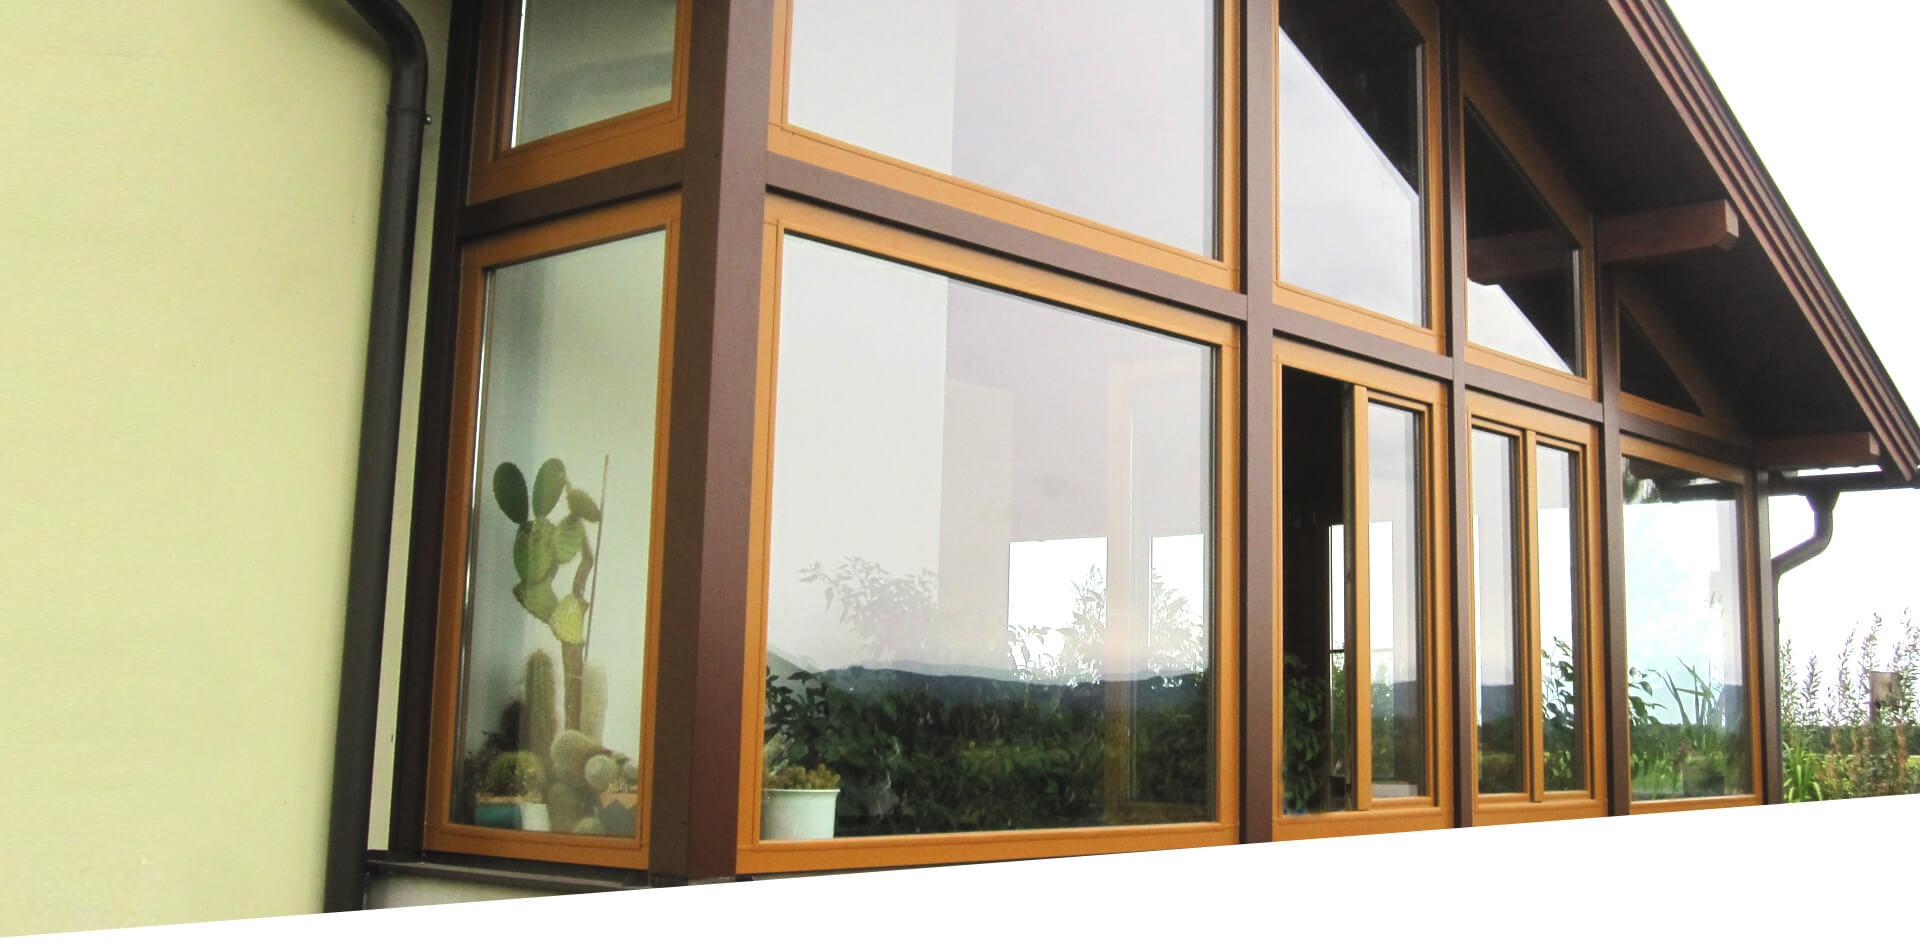 Kanova Das Fenstersanierungs System Mit Alu Schale